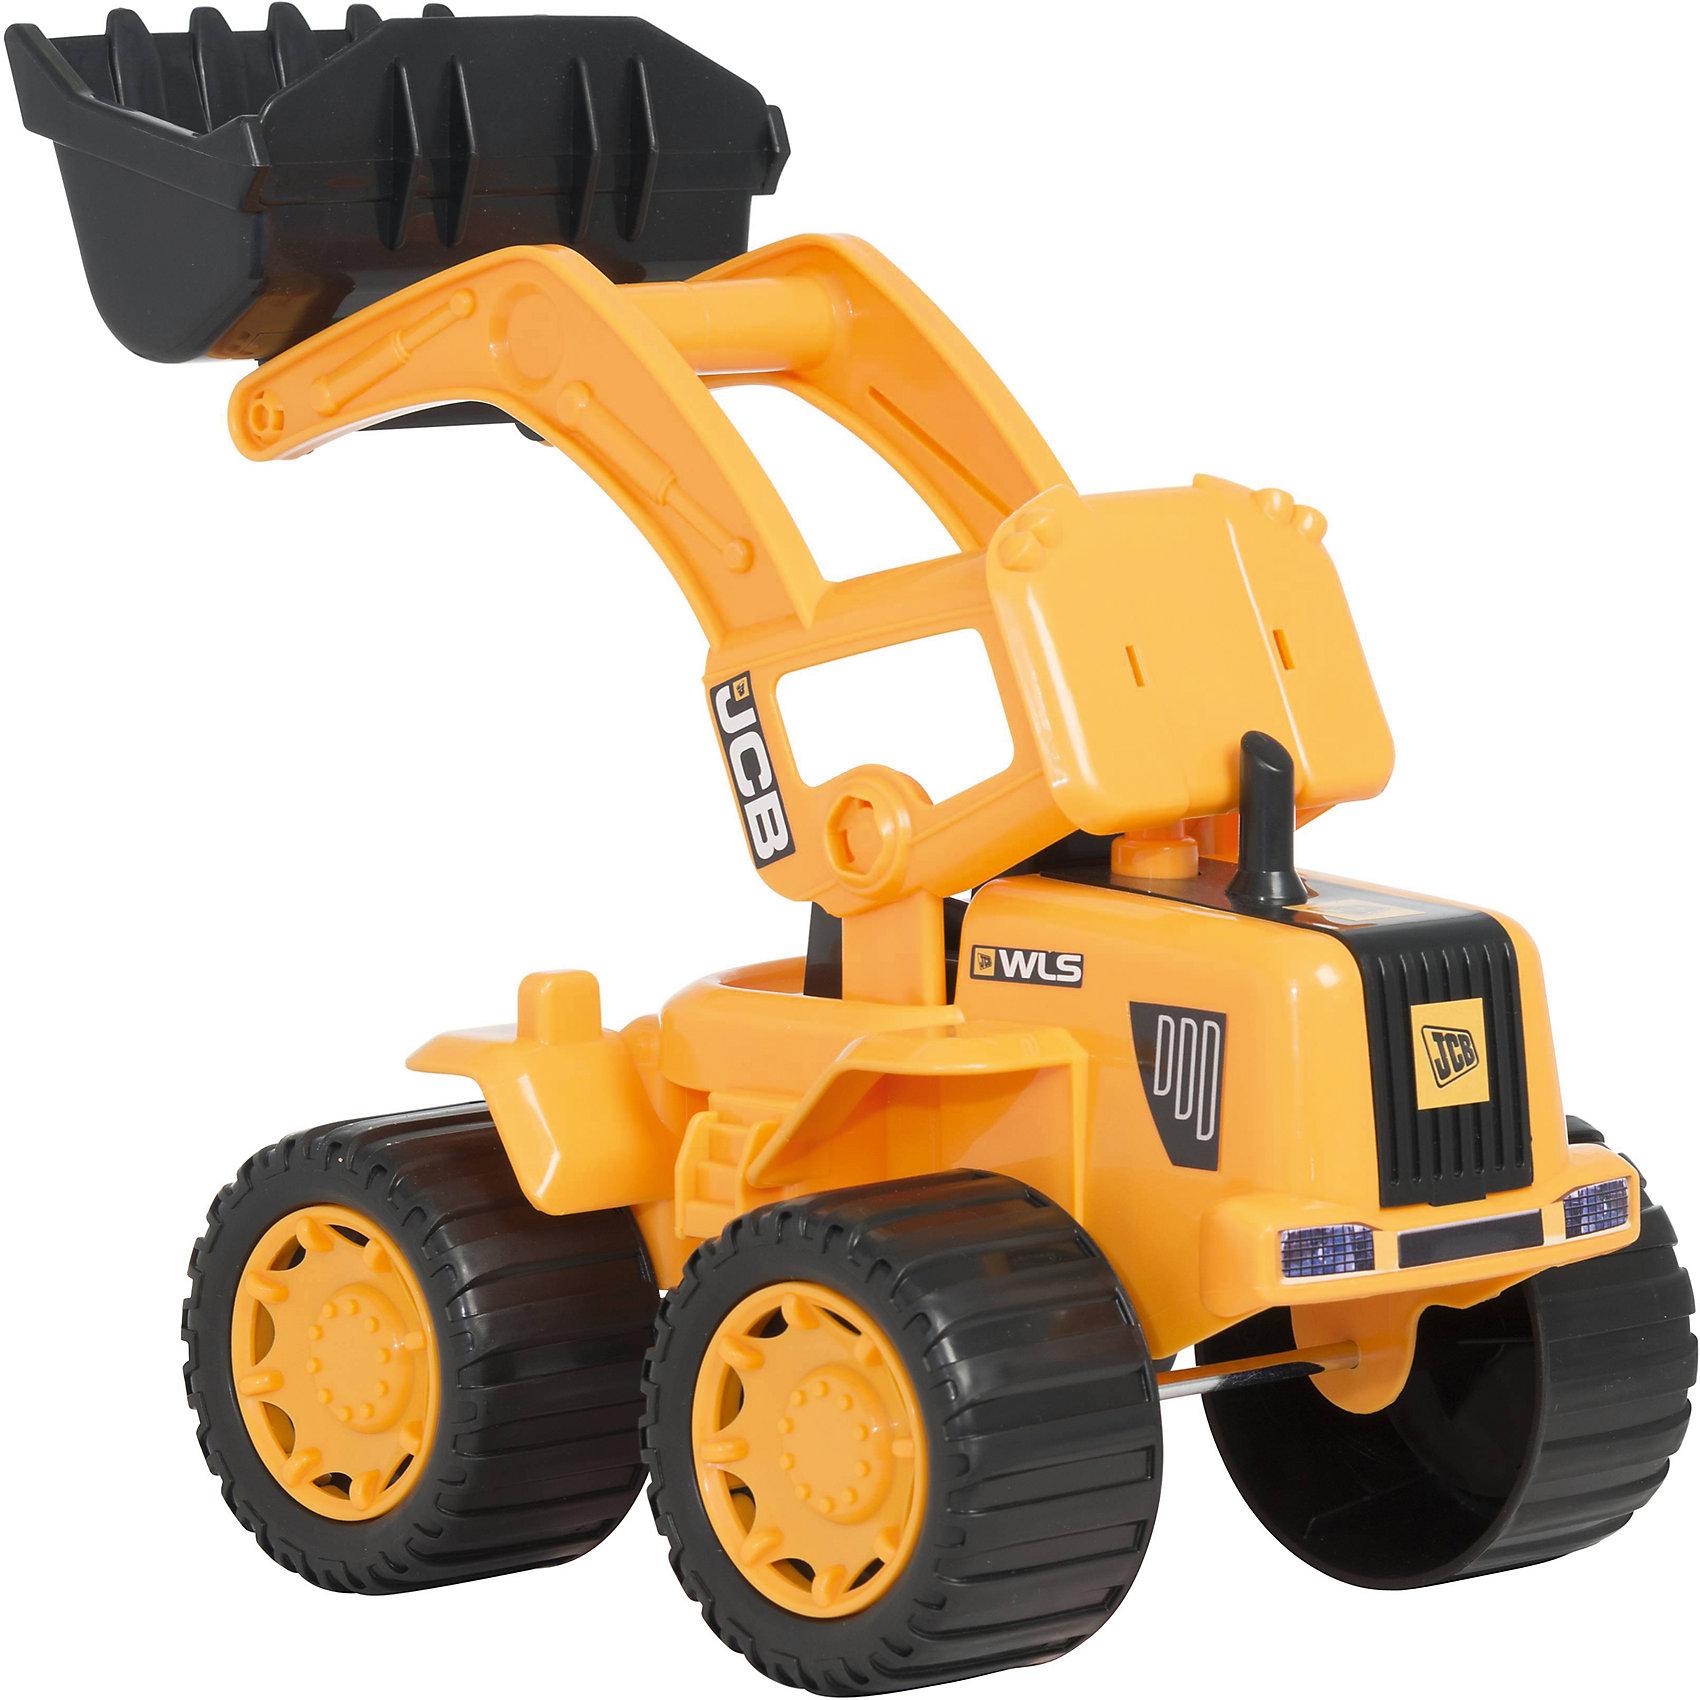 Большой автопогрузчик, 35 см, JCBМашинки<br>Большой автопогрузчик, JCB - это уменьшенная модель настоящей строительной техники от компании JCB, выполненная в высоком качестве и с большим вниманием к деталям. В этой модели есть все основные функции, которыми обладает реальная машина. Погрузчик оснащен просторной кабиной с сиденьем водителя, вместительный ковш можно поднимать и опускать. У машины мощные прорезиненные колеса, что обеспечивает прочное сцепление с поверхностью и уберегает напольное покрытие от царапин. Ваш ребенок в увлекательной форме познакомится с особенностями работы дорожно-строительной техники и откроет для себя множество новых профессий.<br><br>Дополнительная информация:<br><br>- Материал: высококачественный пластик.<br>- Размер игрушки: 35 х 22 х 20 см.<br>- Размер упаковки: 36,5 х 23 х 22,5 см.<br>- Вес: 0,863 кг.<br><br>Большой автопогрузчик, 35 см., JCB, можно купить в нашем интернет-магазине.<br><br>Ширина мм: 350<br>Глубина мм: 200<br>Высота мм: 220<br>Вес г: 863<br>Возраст от месяцев: 36<br>Возраст до месяцев: 96<br>Пол: Мужской<br>Возраст: Детский<br>SKU: 4244437